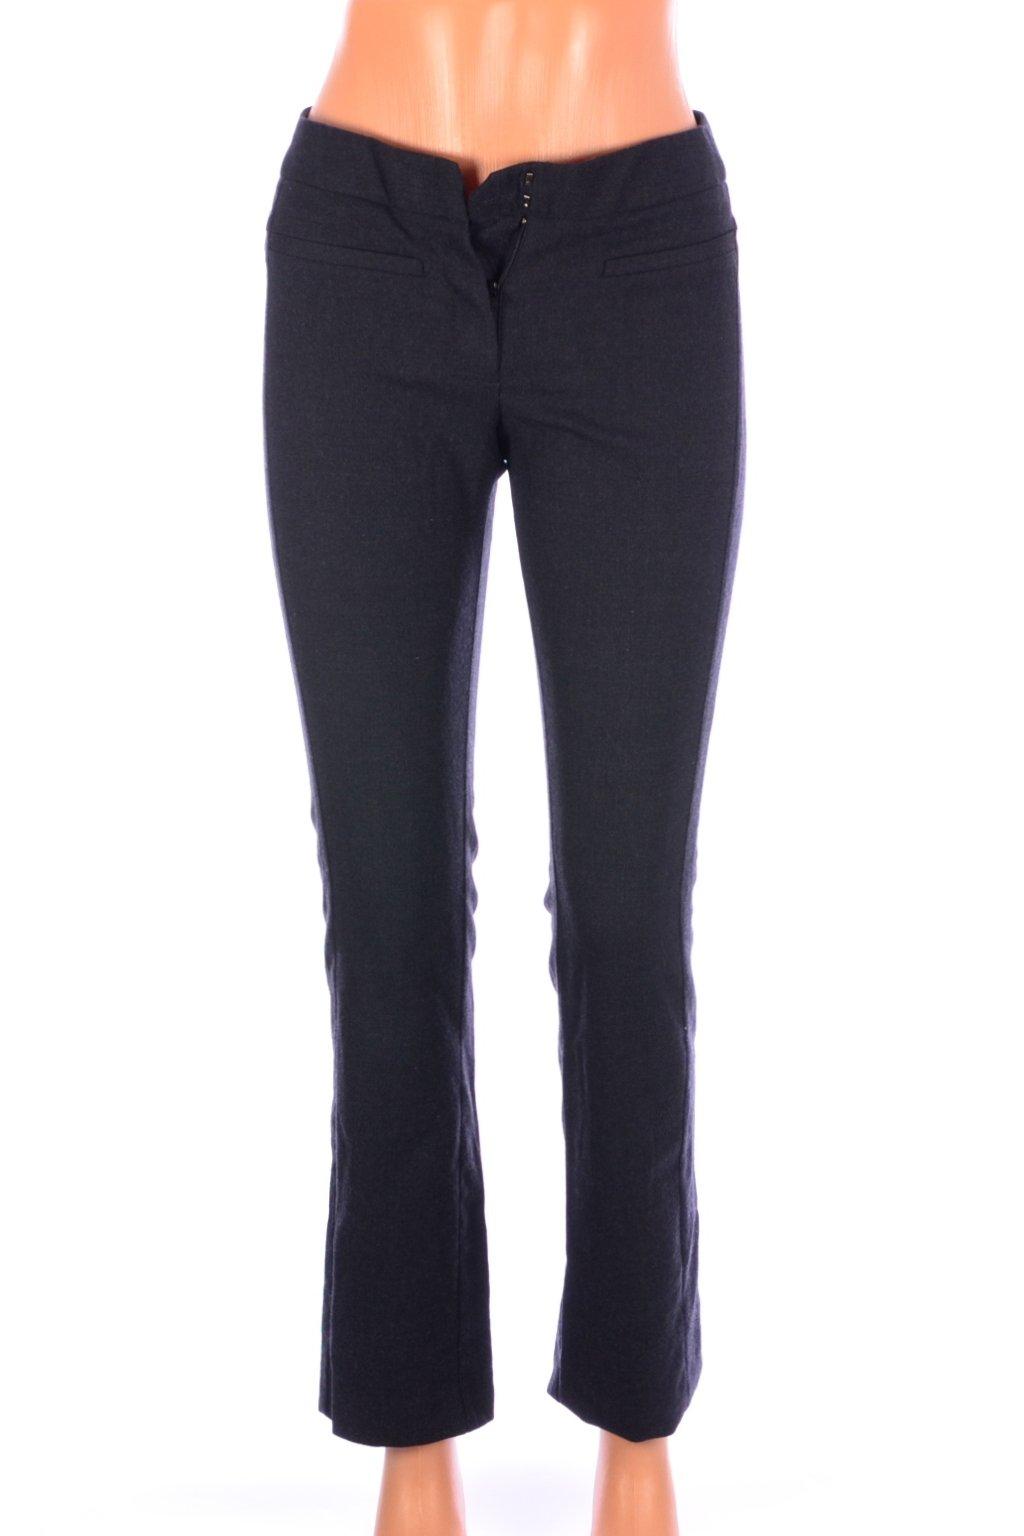 Kalhoty Mango vel. XS/34 šedé vlněné 50% op